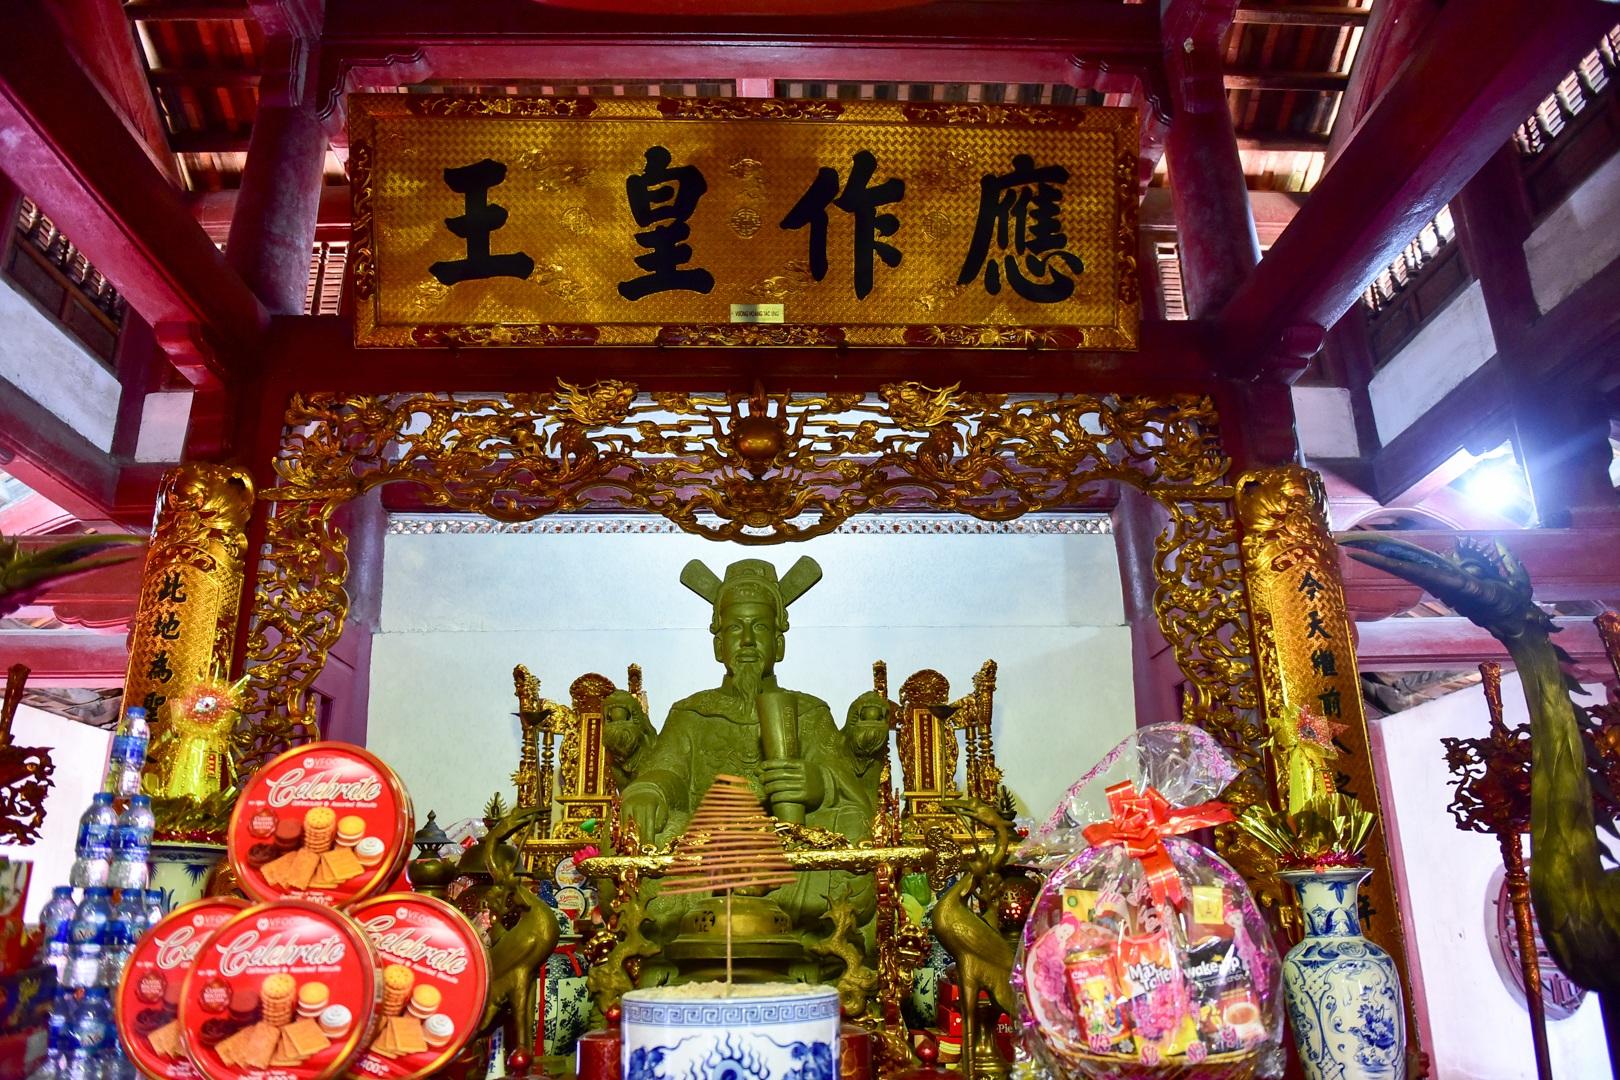 Chiêm ngưỡng ngôi đền 600 năm tuổi thờ 8 vị vua triều Trần - 7